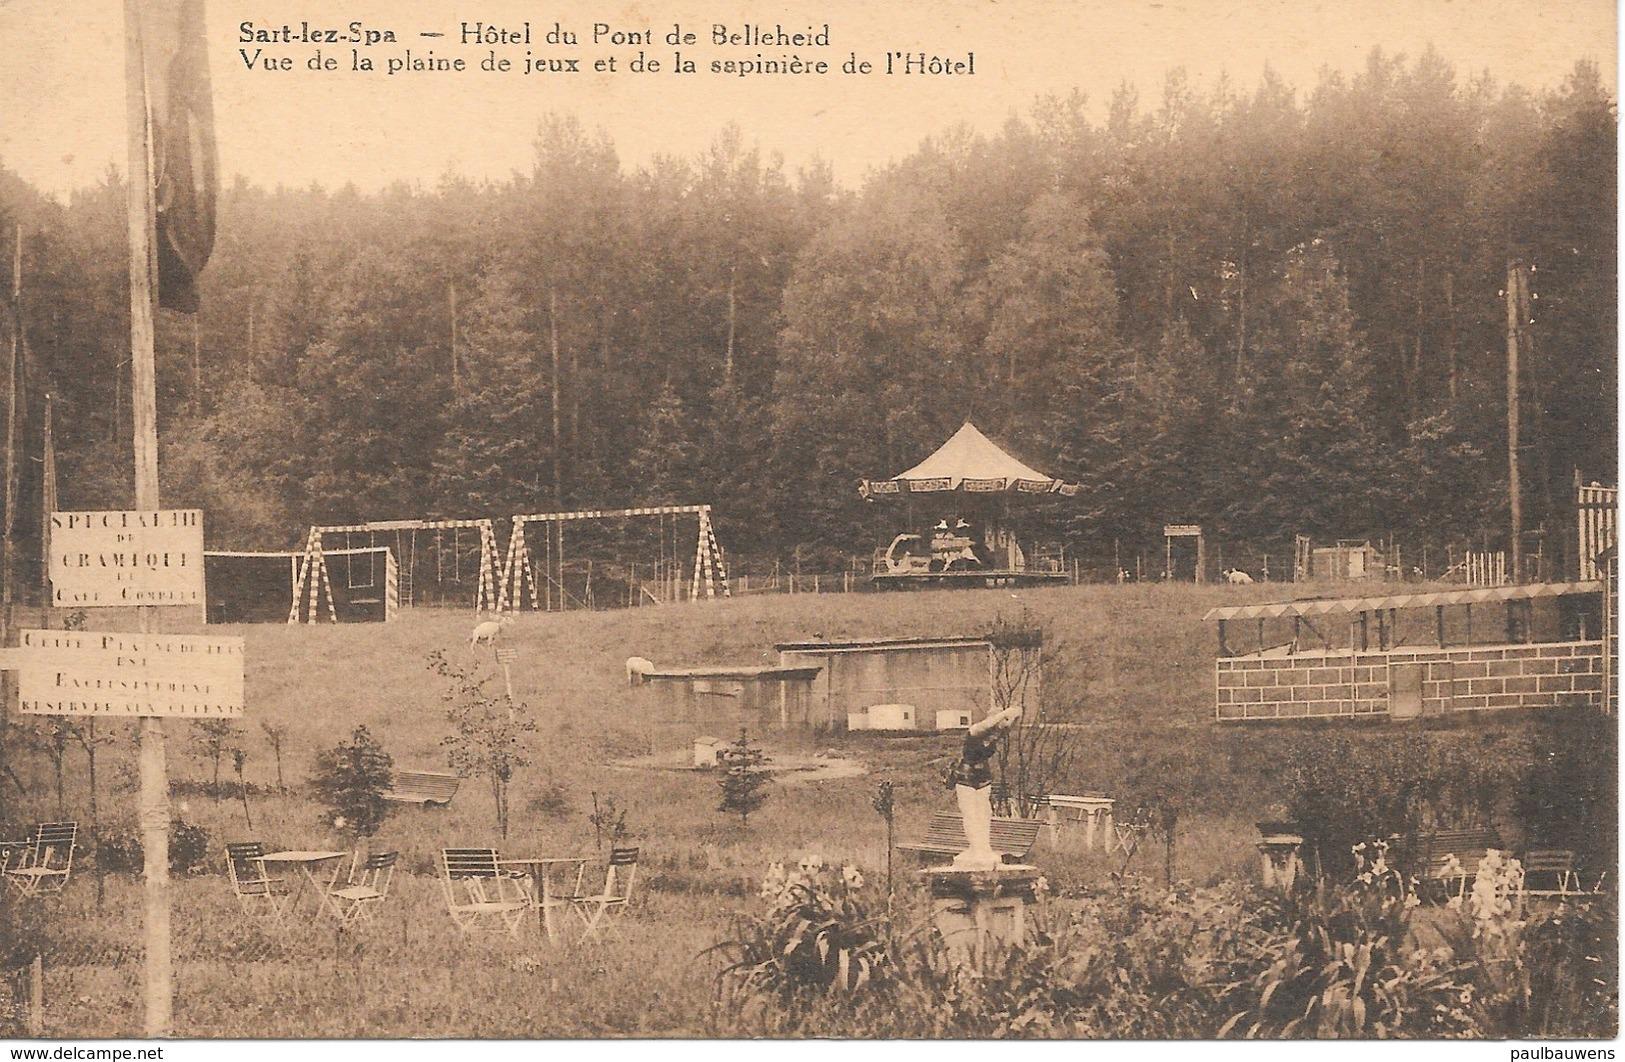 Spa, Hôtel Du Pont De Belleheid, Avec Timbre De Poste 1938, Vue De La Plaine De Jeux Et De La Sapinière De L'Hôtel - Spa